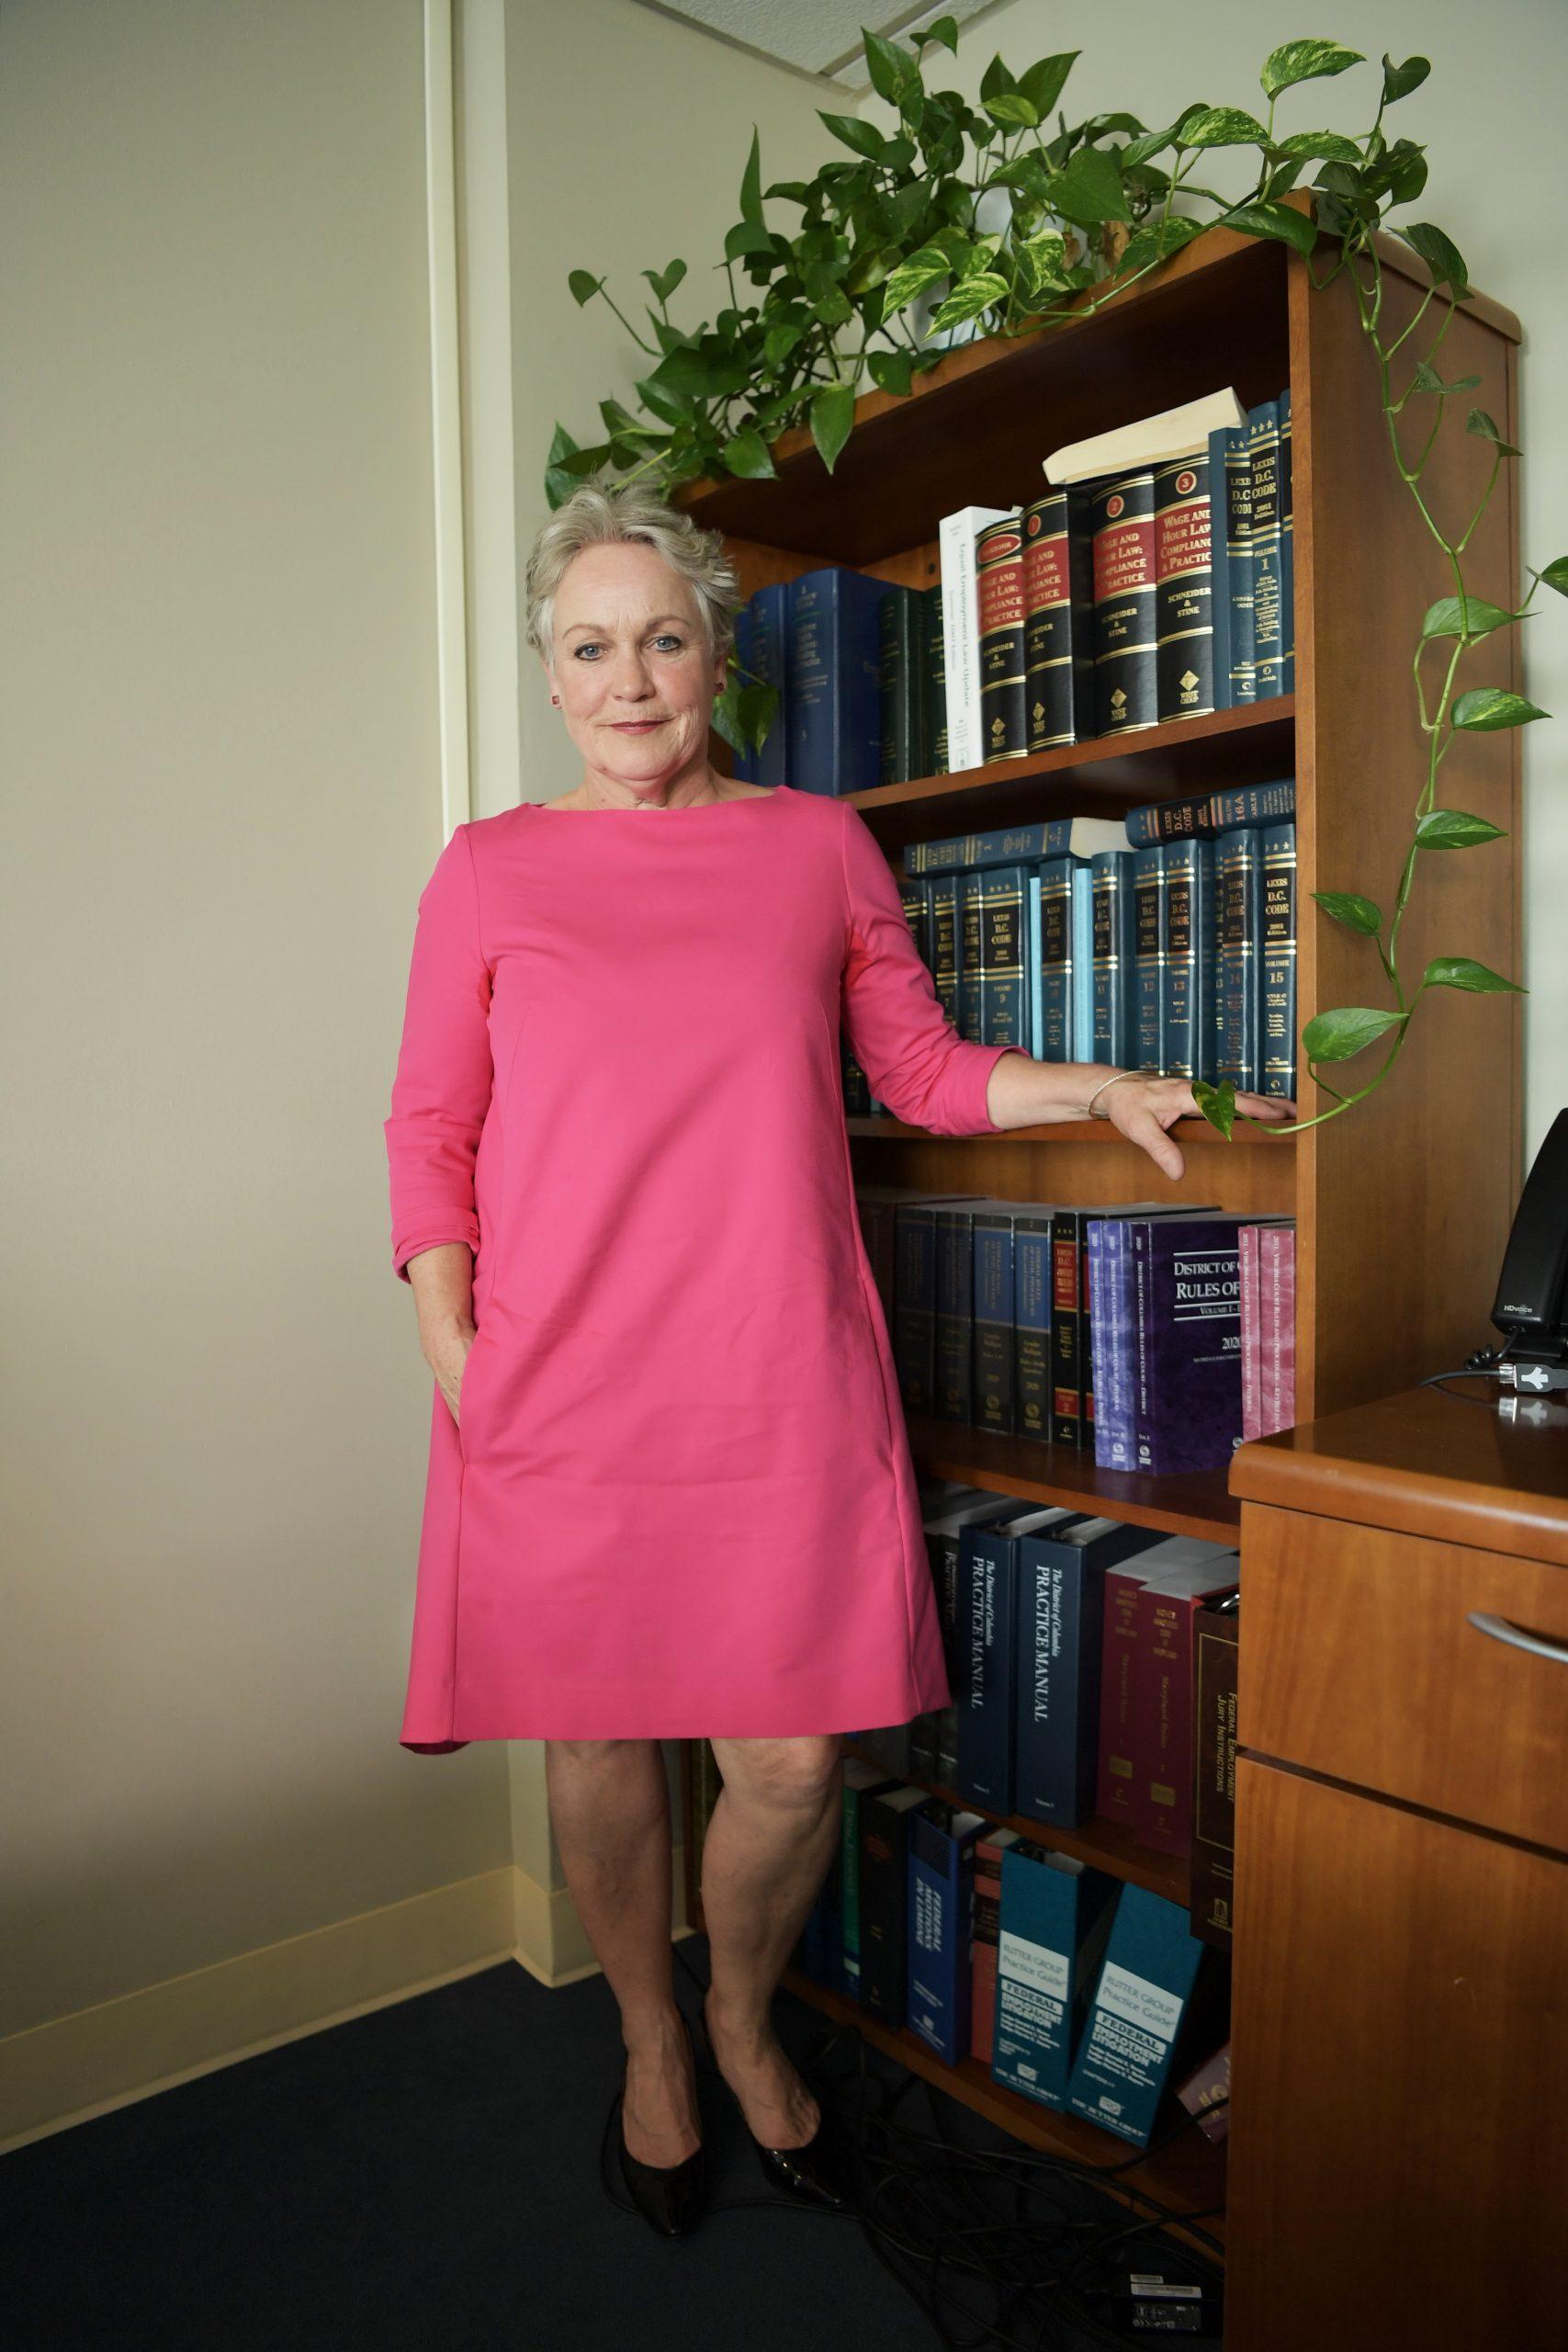 La mezzosoprano Patricia Wulf durante una entrevista con Efe en el bufete de los abogados Katz, Marshall & Bank en Washington, Estados Unidos. Foto de EFE/ Lenin Nolly.